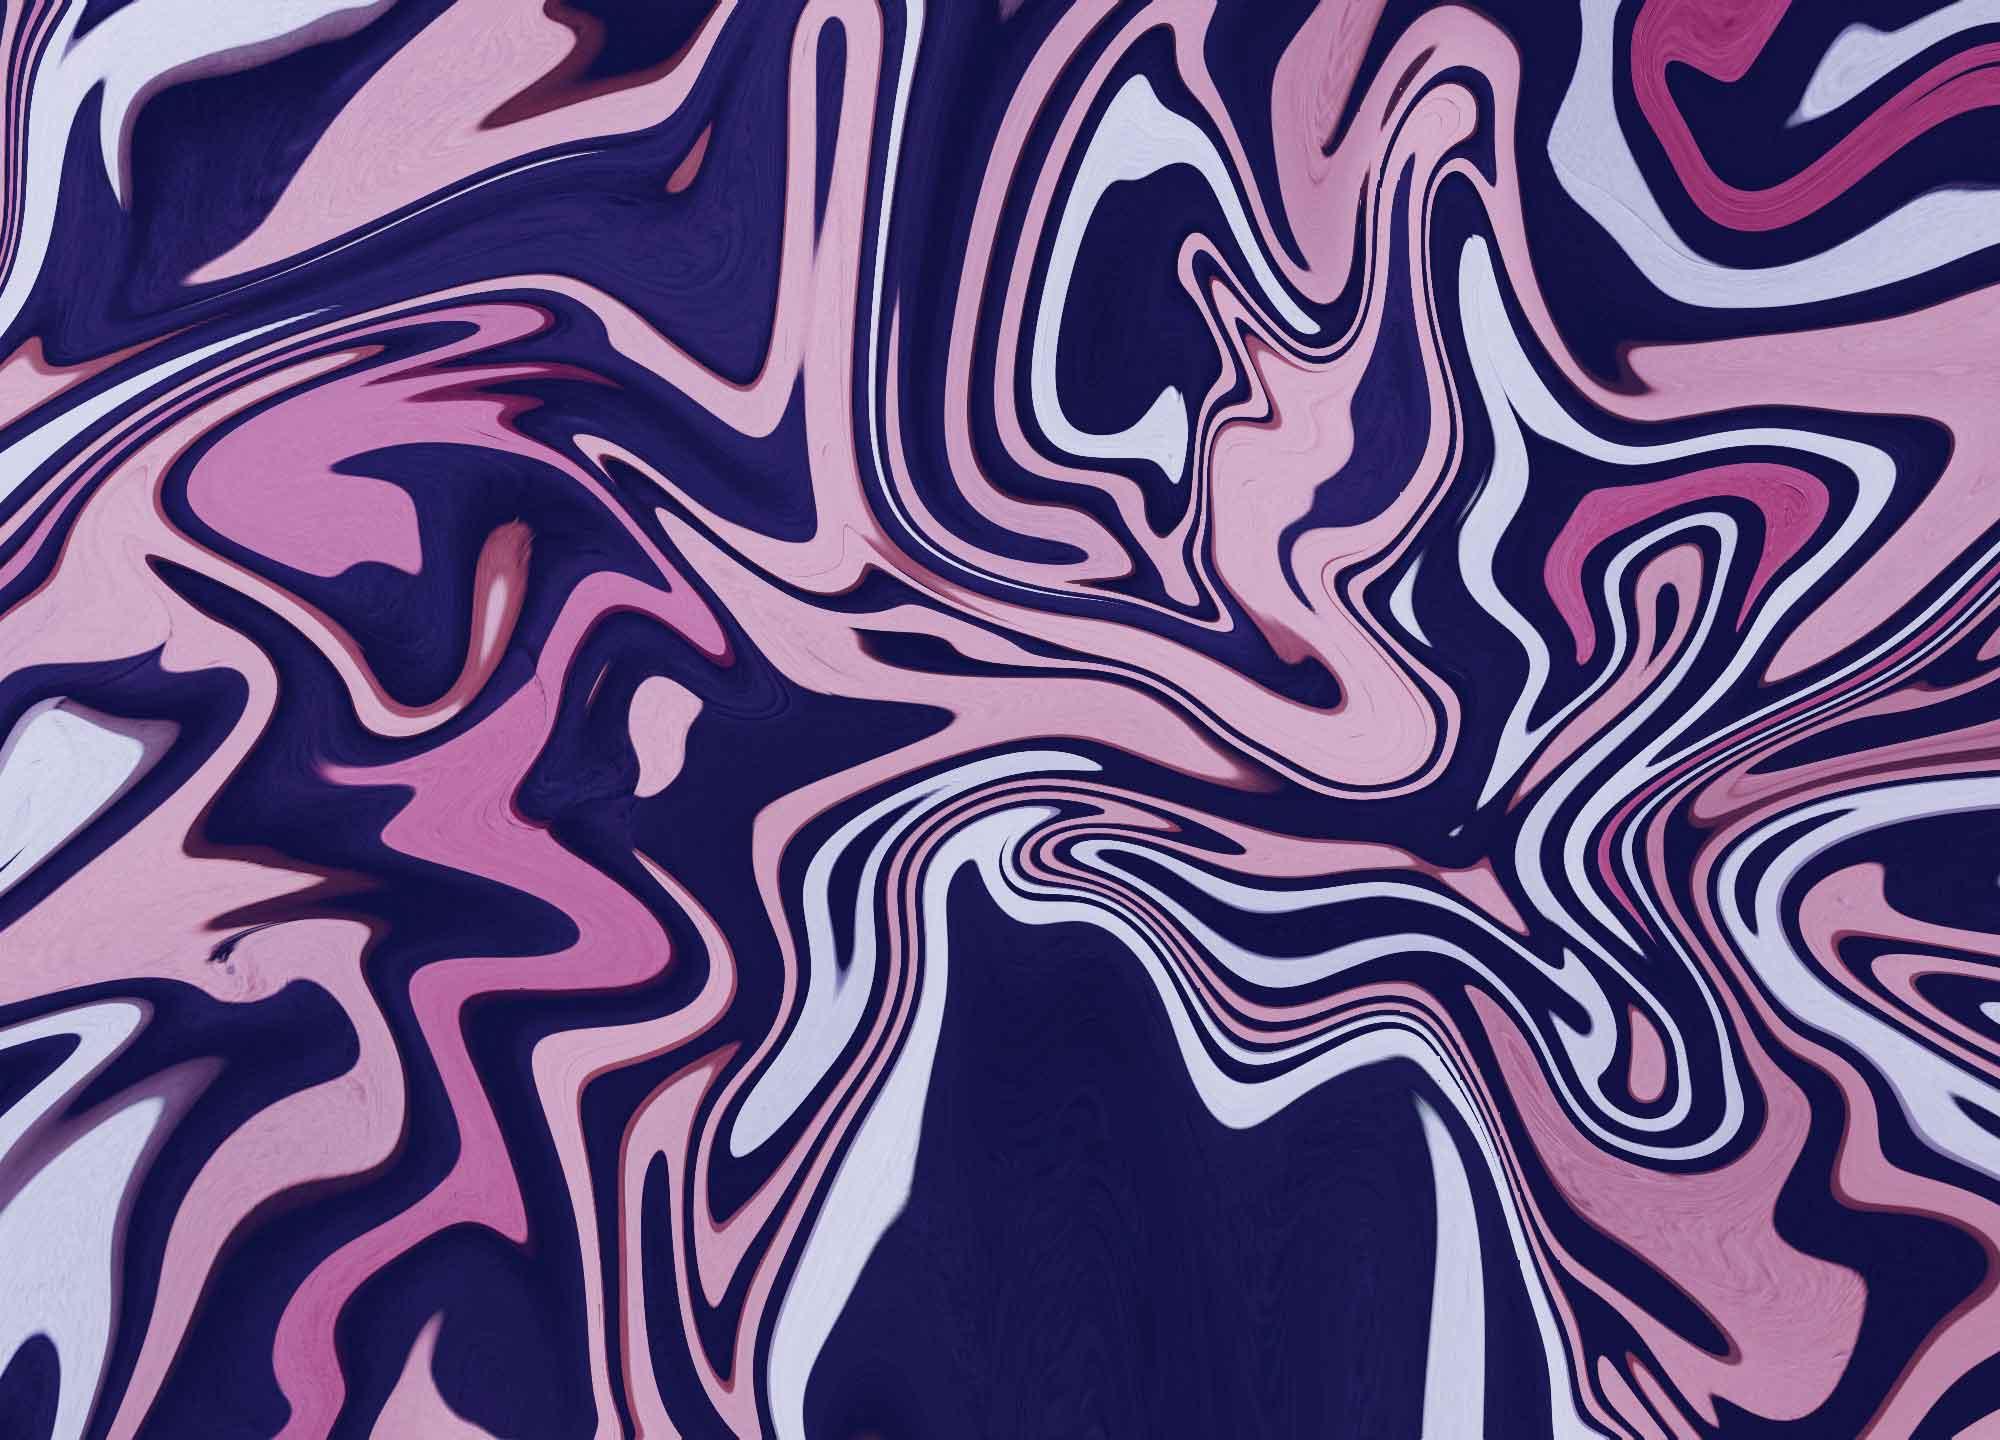 Vibrant Swirl Textures 6